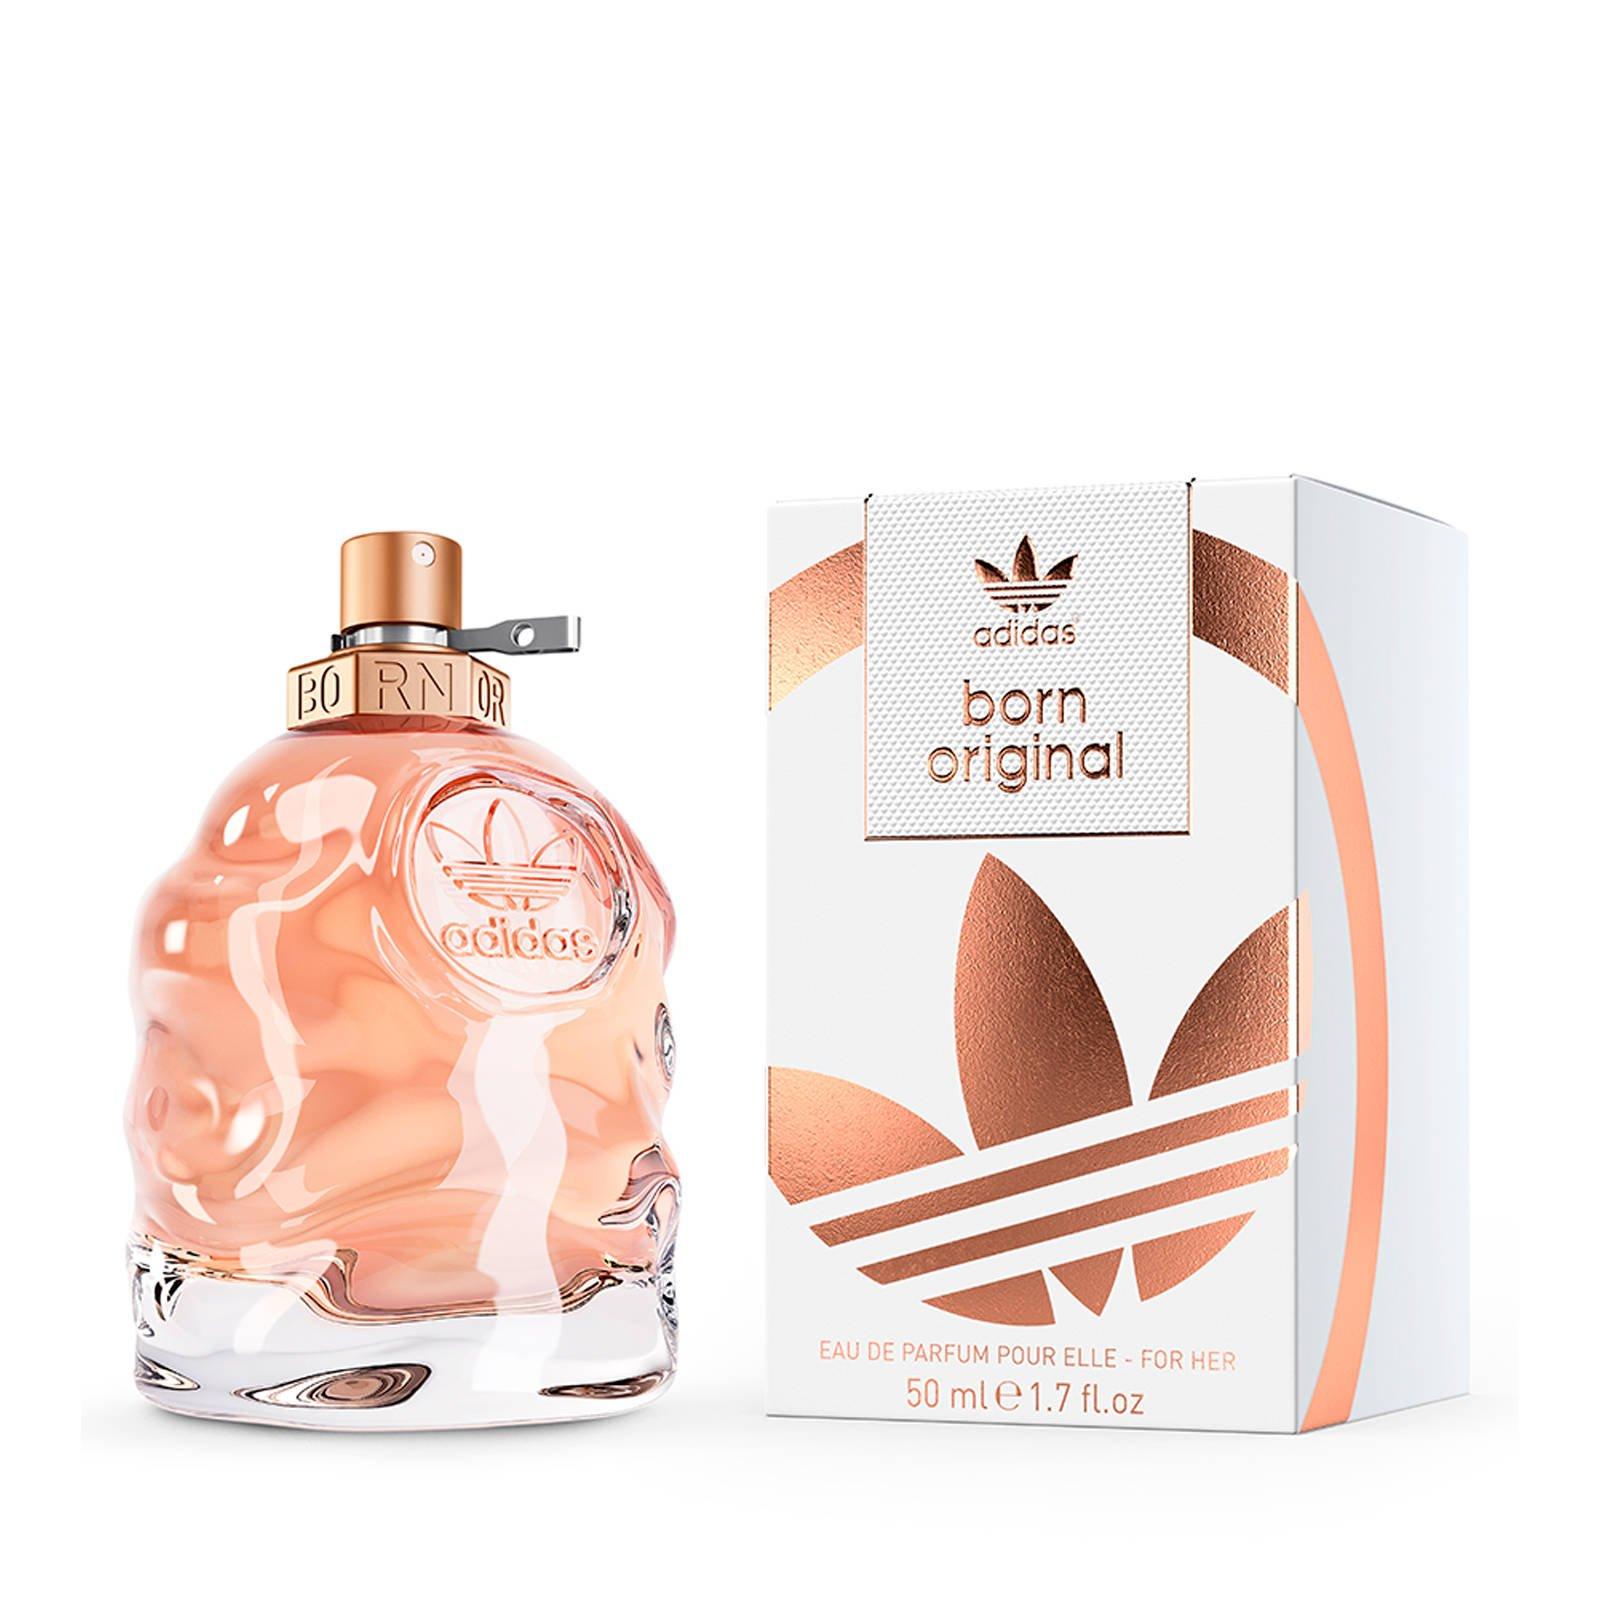 Born Originals for her eau de parfum 50 ml